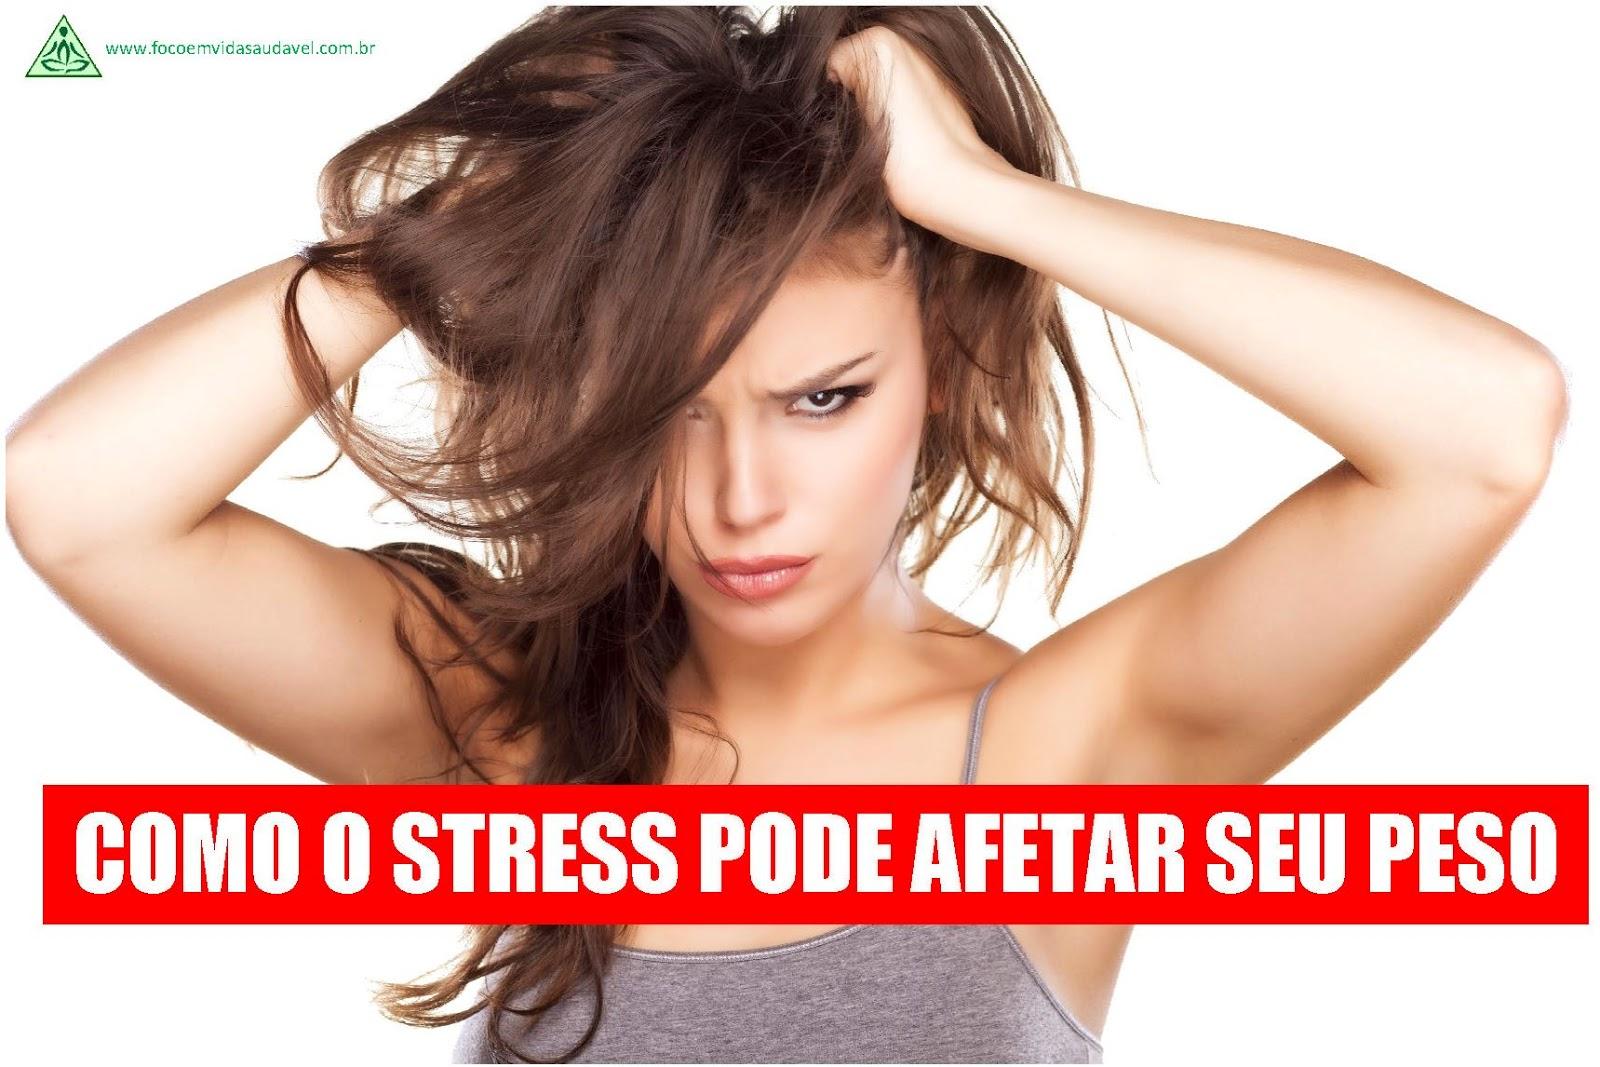 Como o Stres pode afetar seu peso Foco Vida Ativa e Saudavel Herbalife